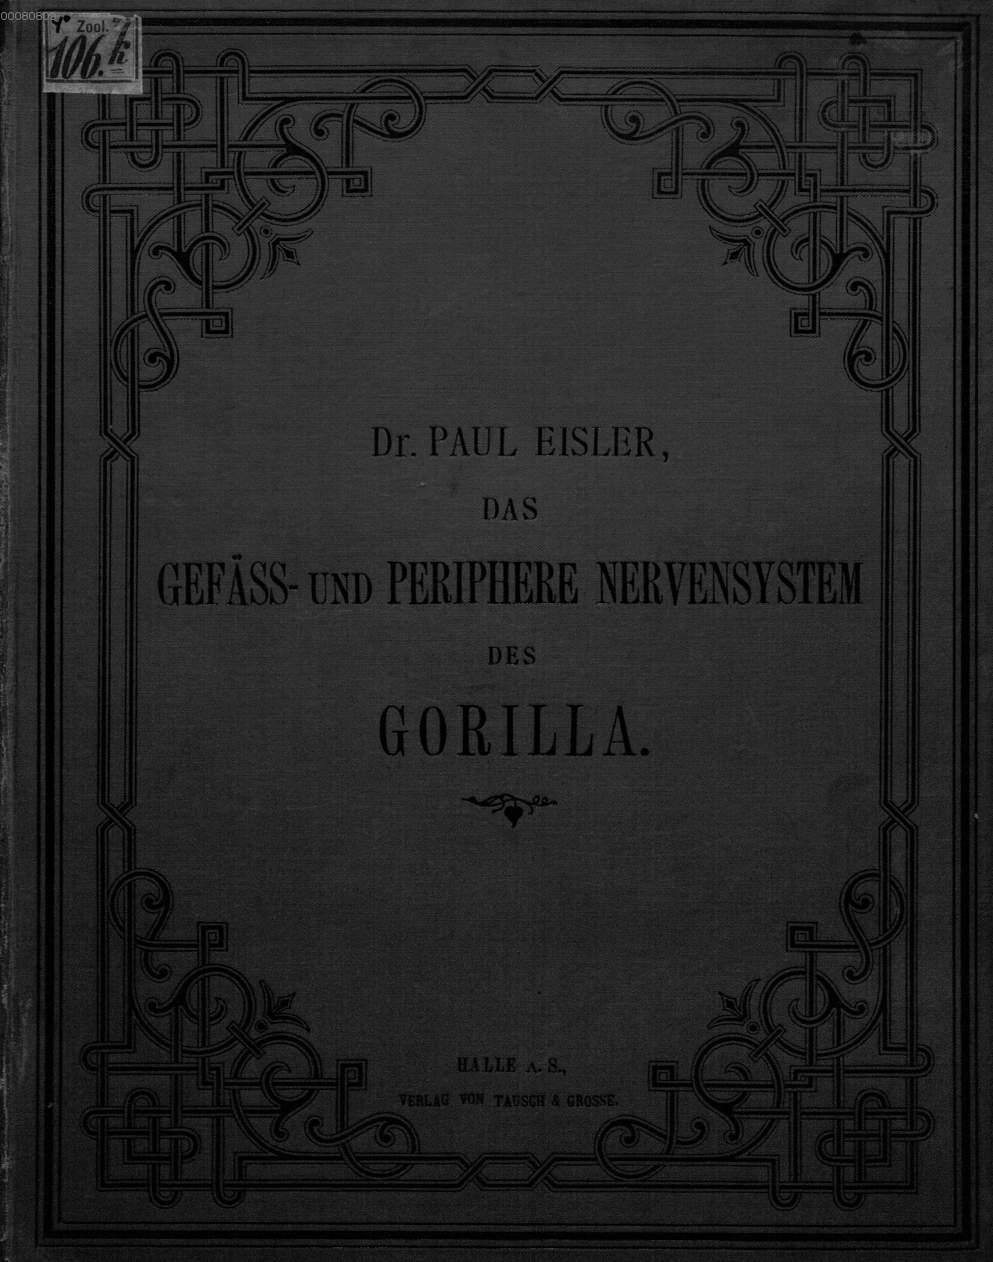 Ungewöhnlich Peripheres Nervensystem Besteht Aus Ideen - Physiologie ...